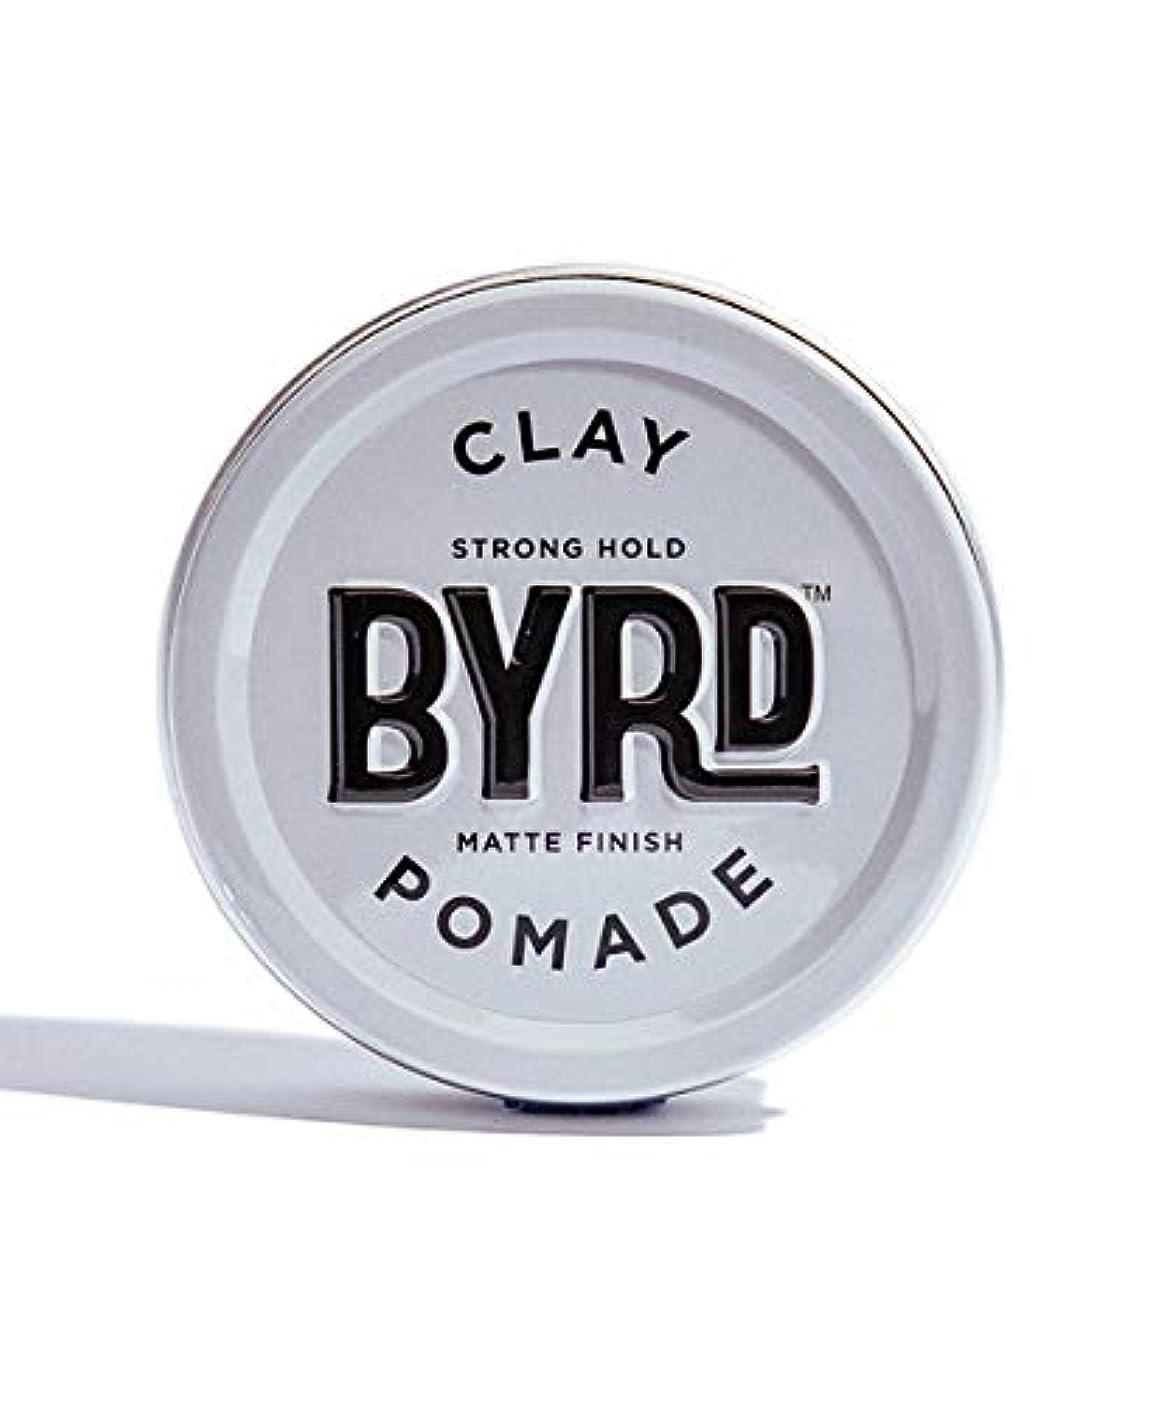 円形のボルト欲望BYRD/クレイポマード 95g メンズコスメ ワックス ヘアスタイリング かっこいい モテ髪